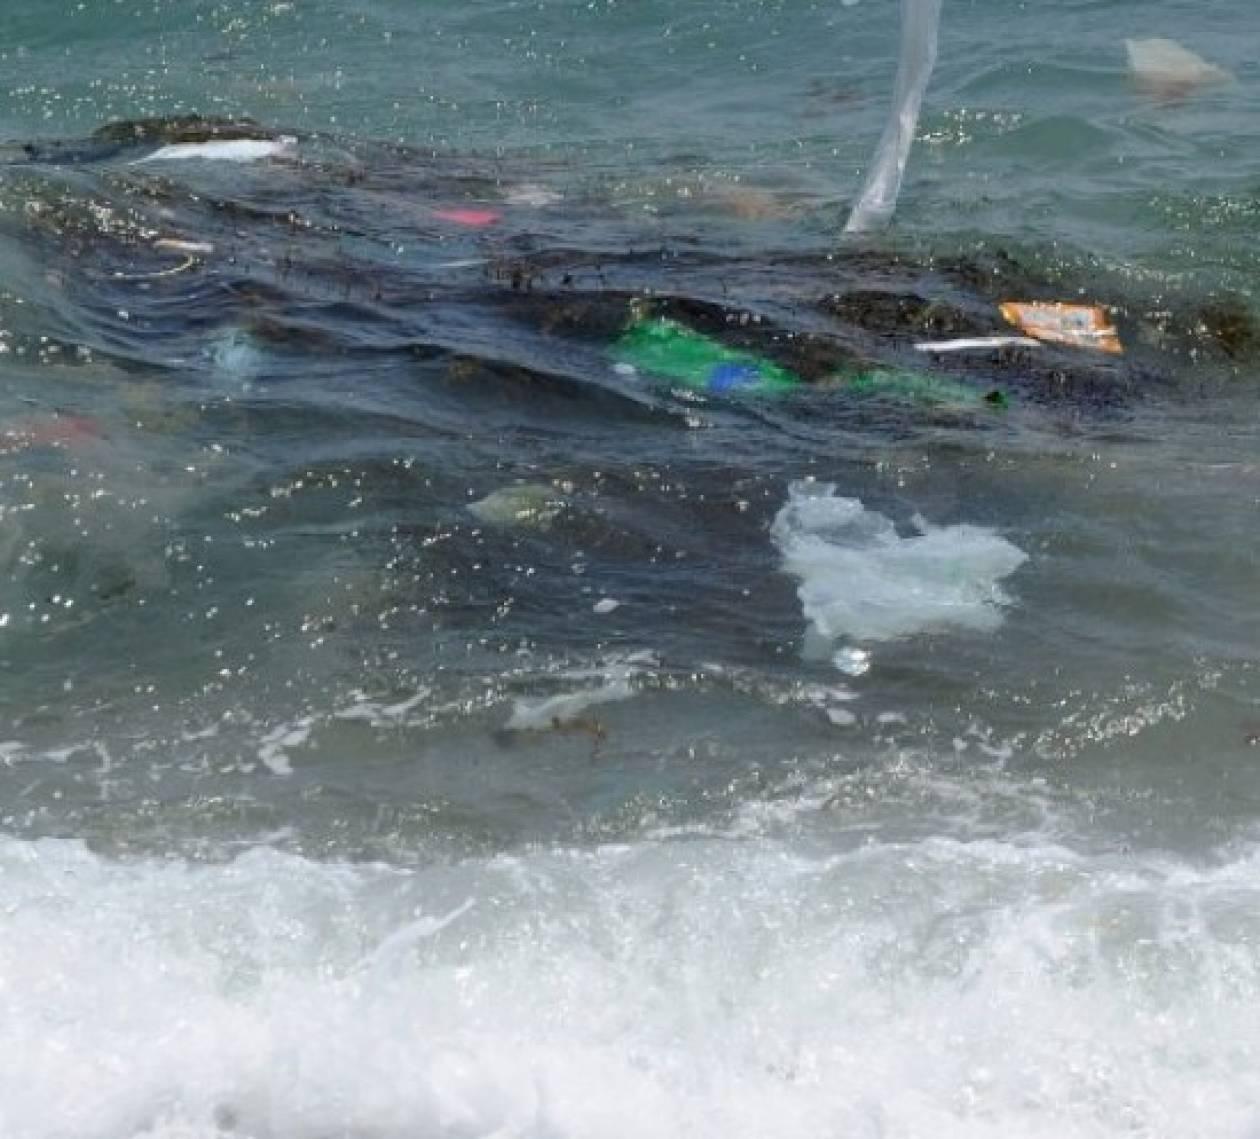 Τα πλαστικά «πνίγουν» τους ωκεανούς